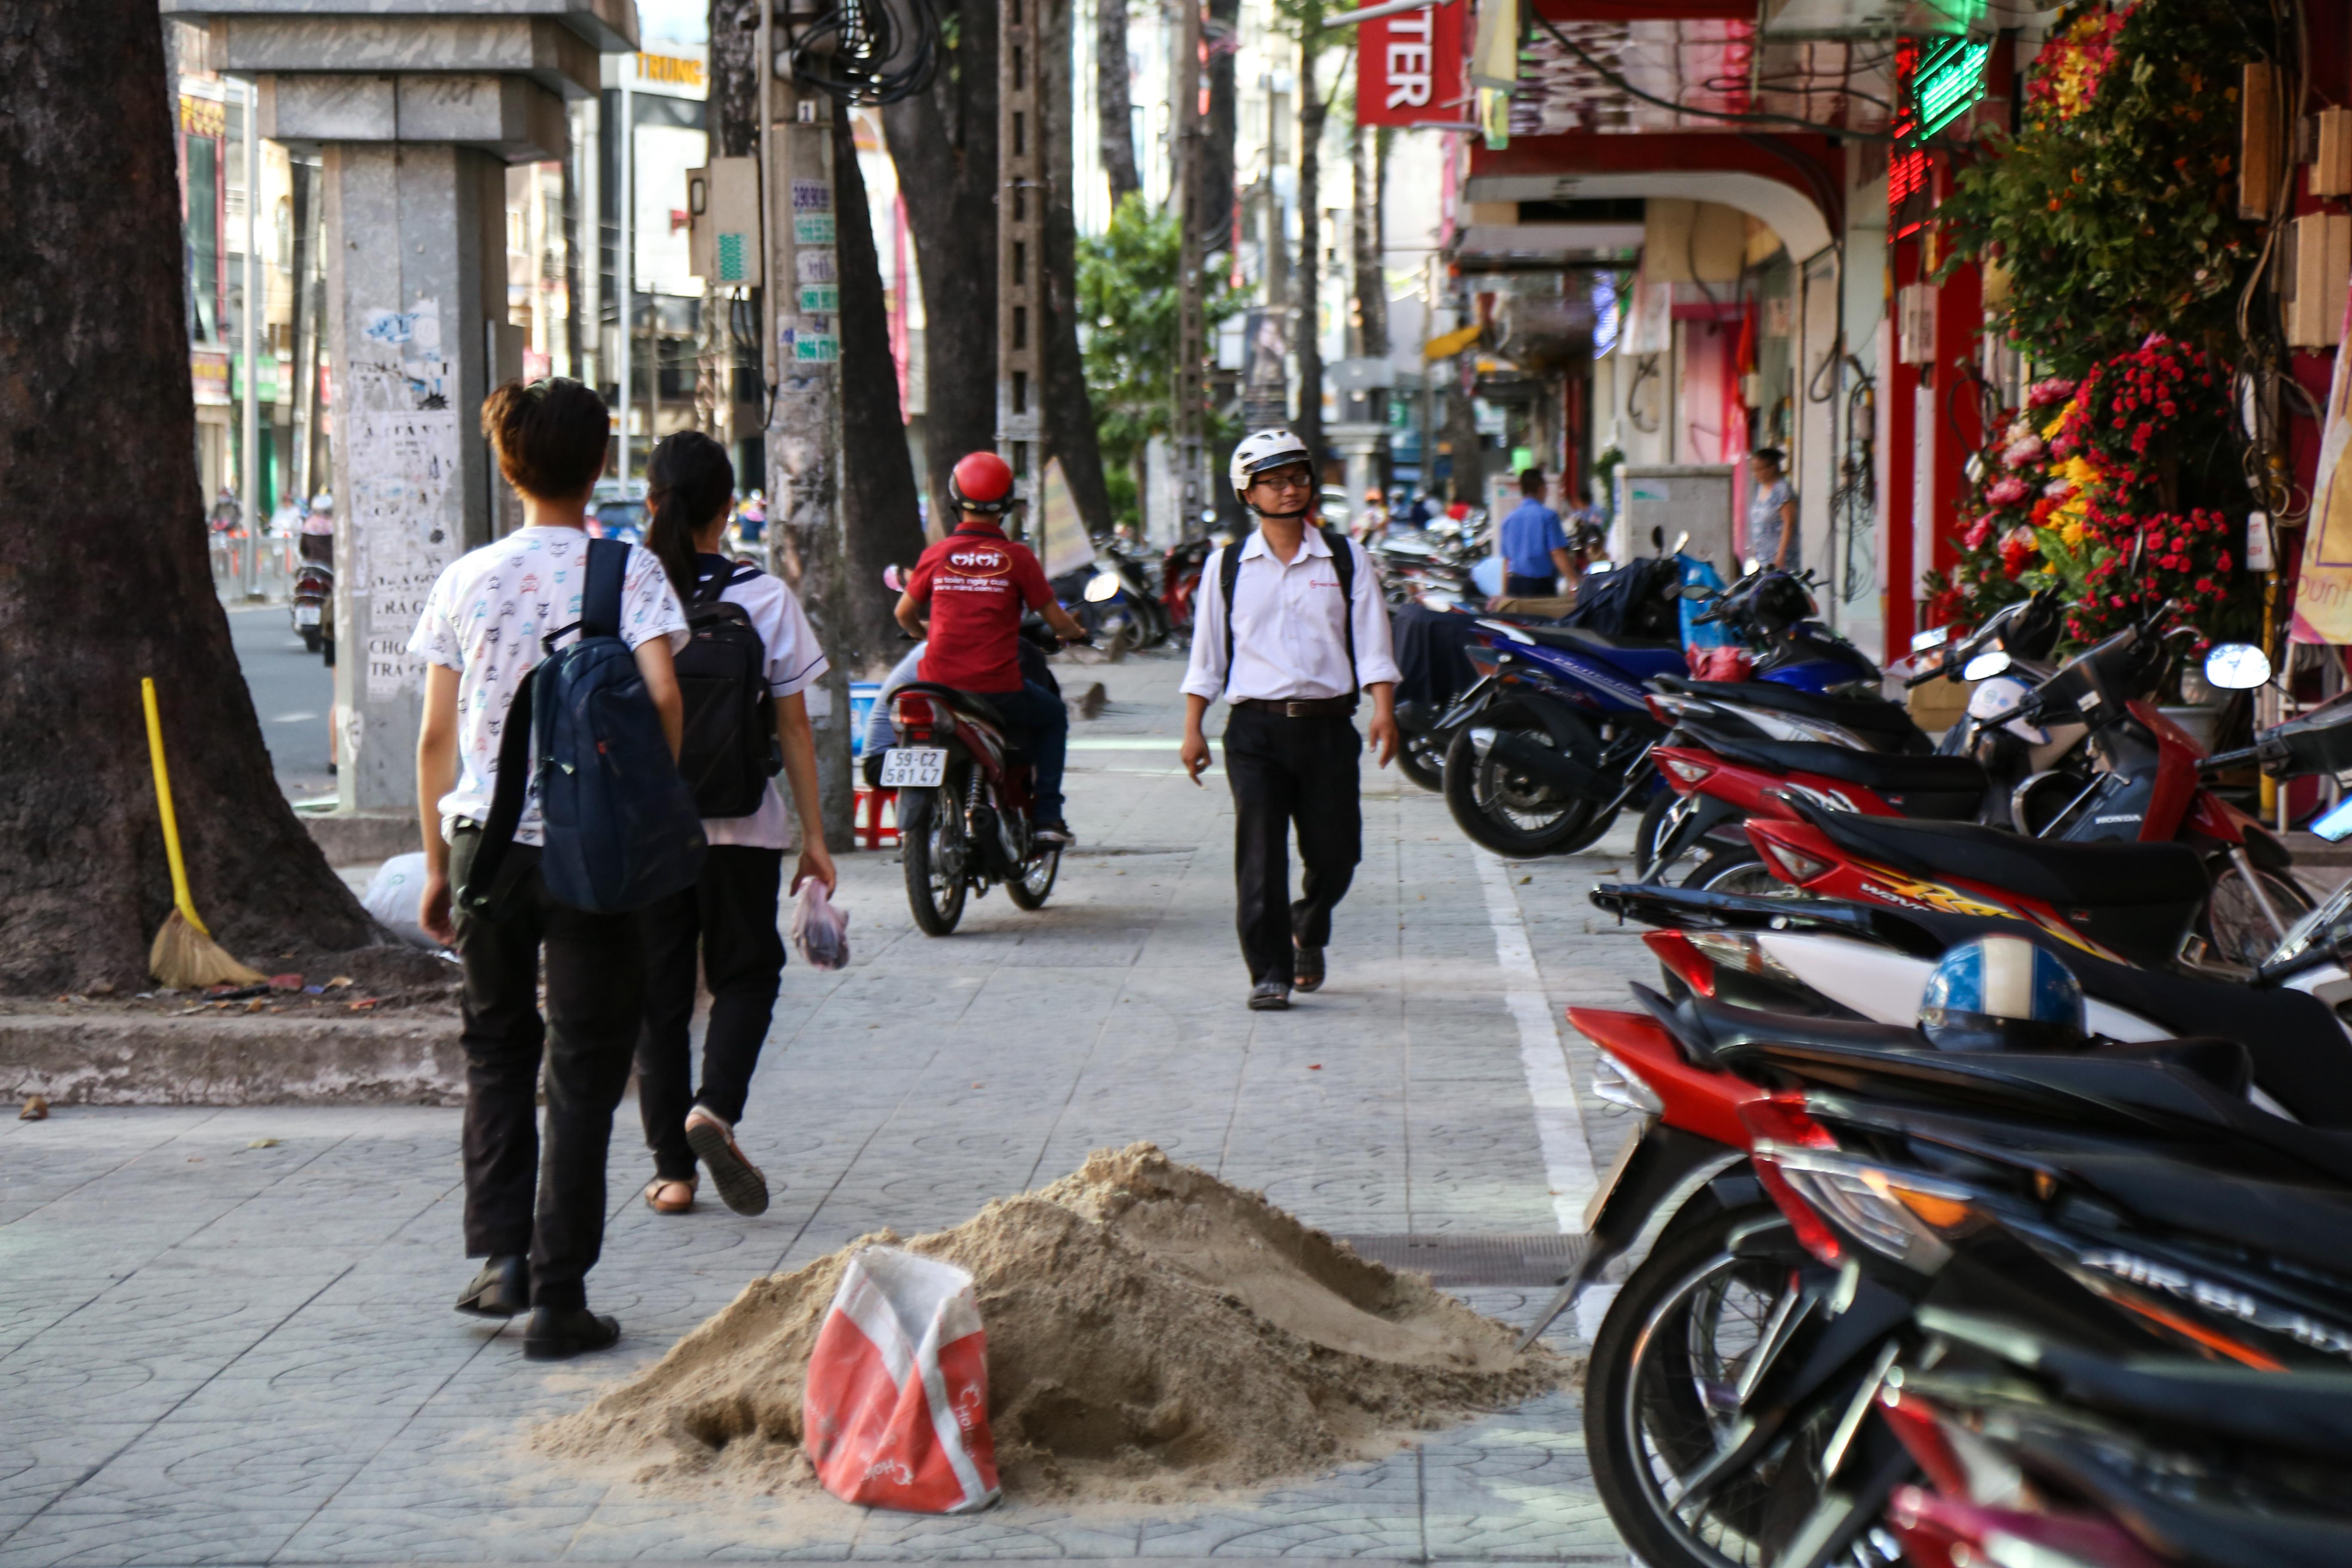 Vỉa hè Sài Gòn sau khi được phân chia bằng vạch kẻ: Người đi bộ thoải mái, dân buôn bán hài lòng - Ảnh 12.